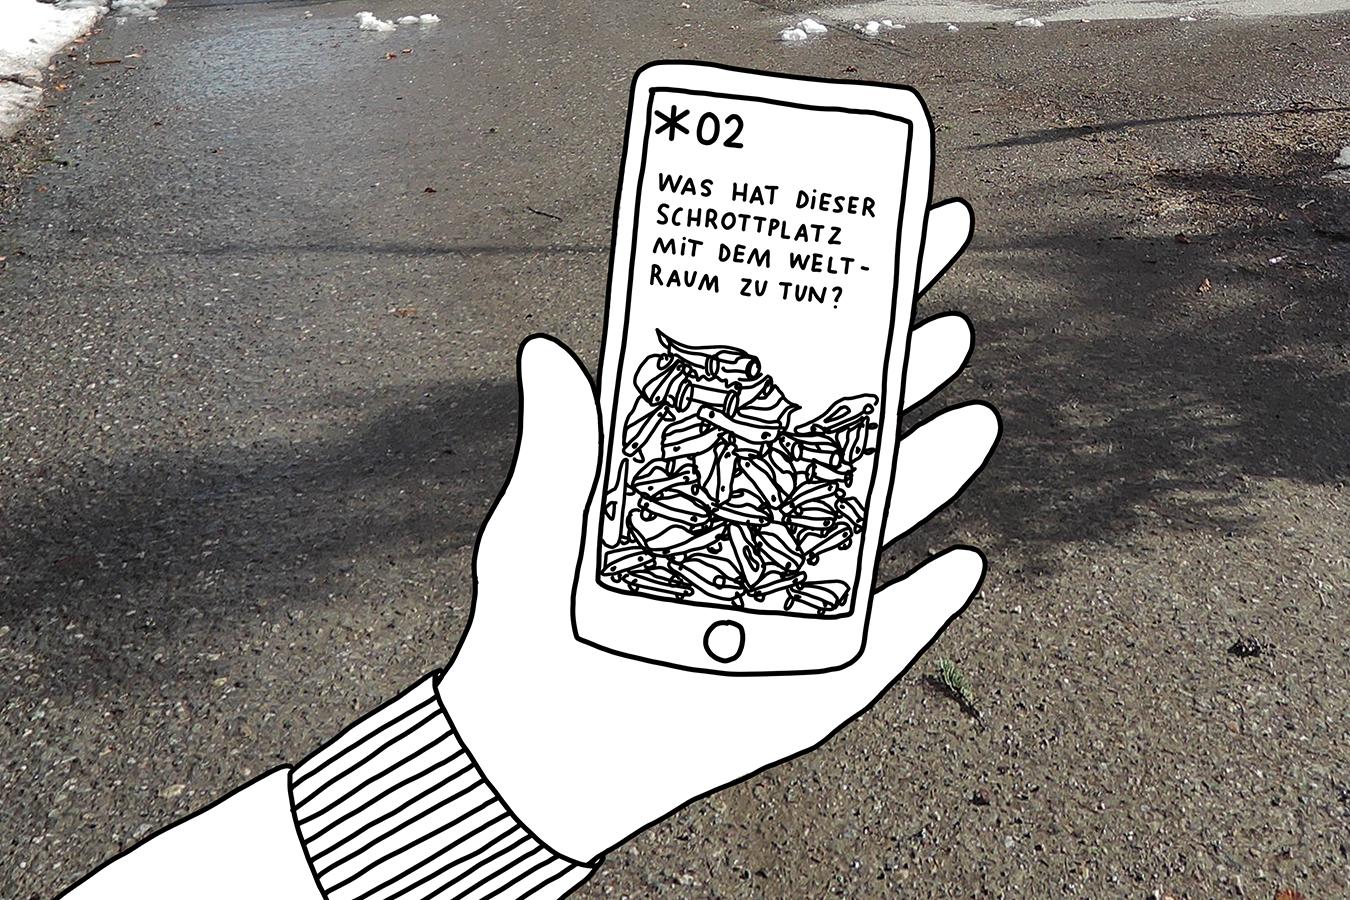 Sternwarte Uecht Astropfad mit Mobile App GPS Visualisierung